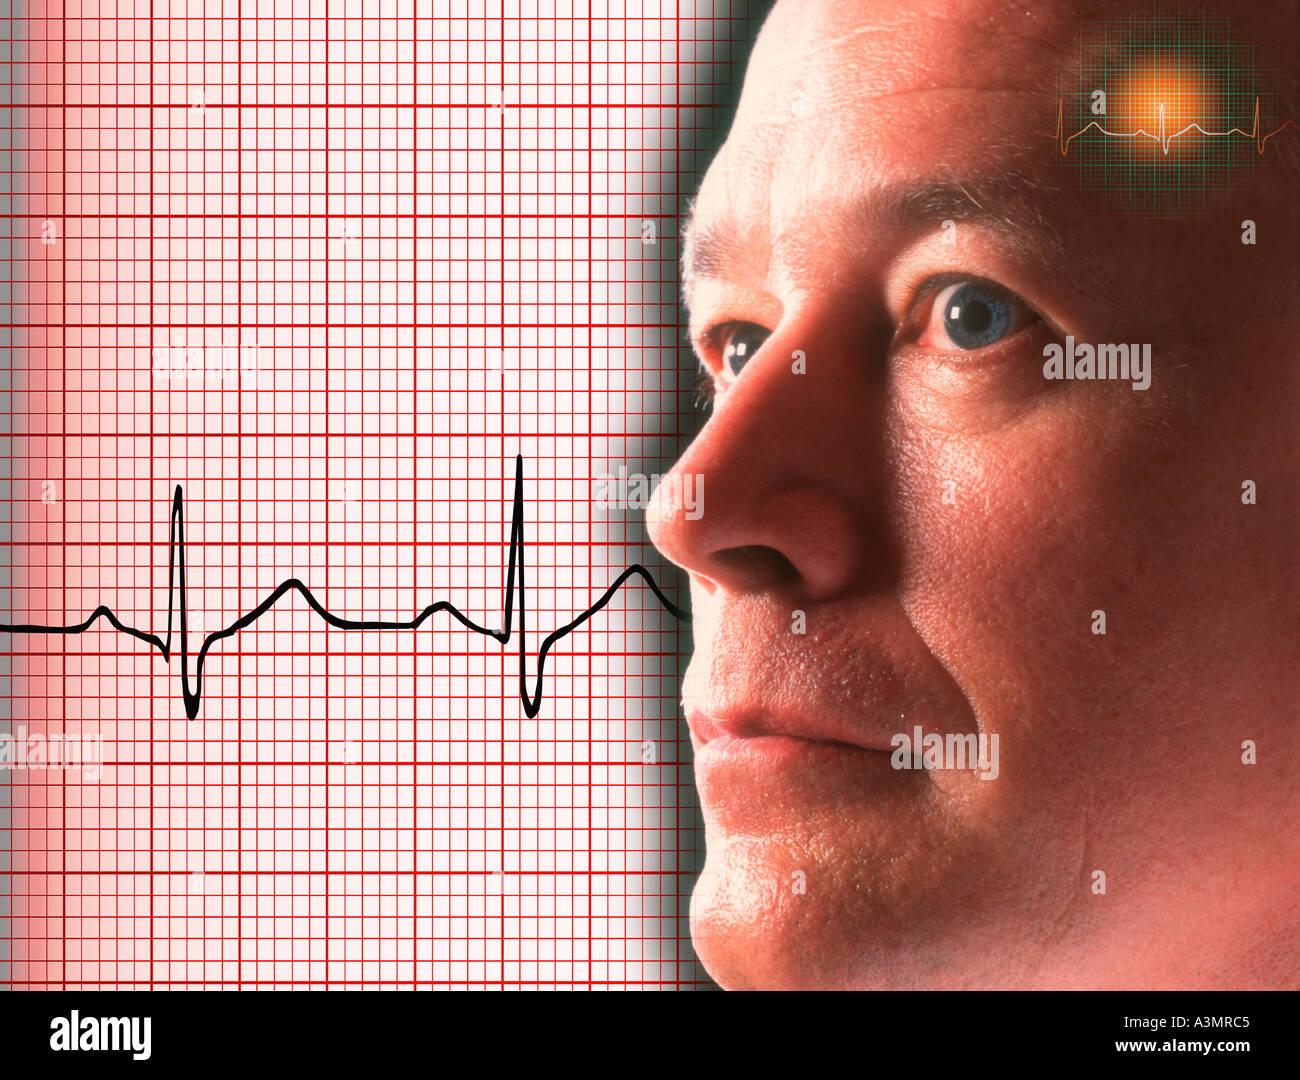 Concepto de imagen doctor con electrocardiograma antecedentes Imagen De Stock